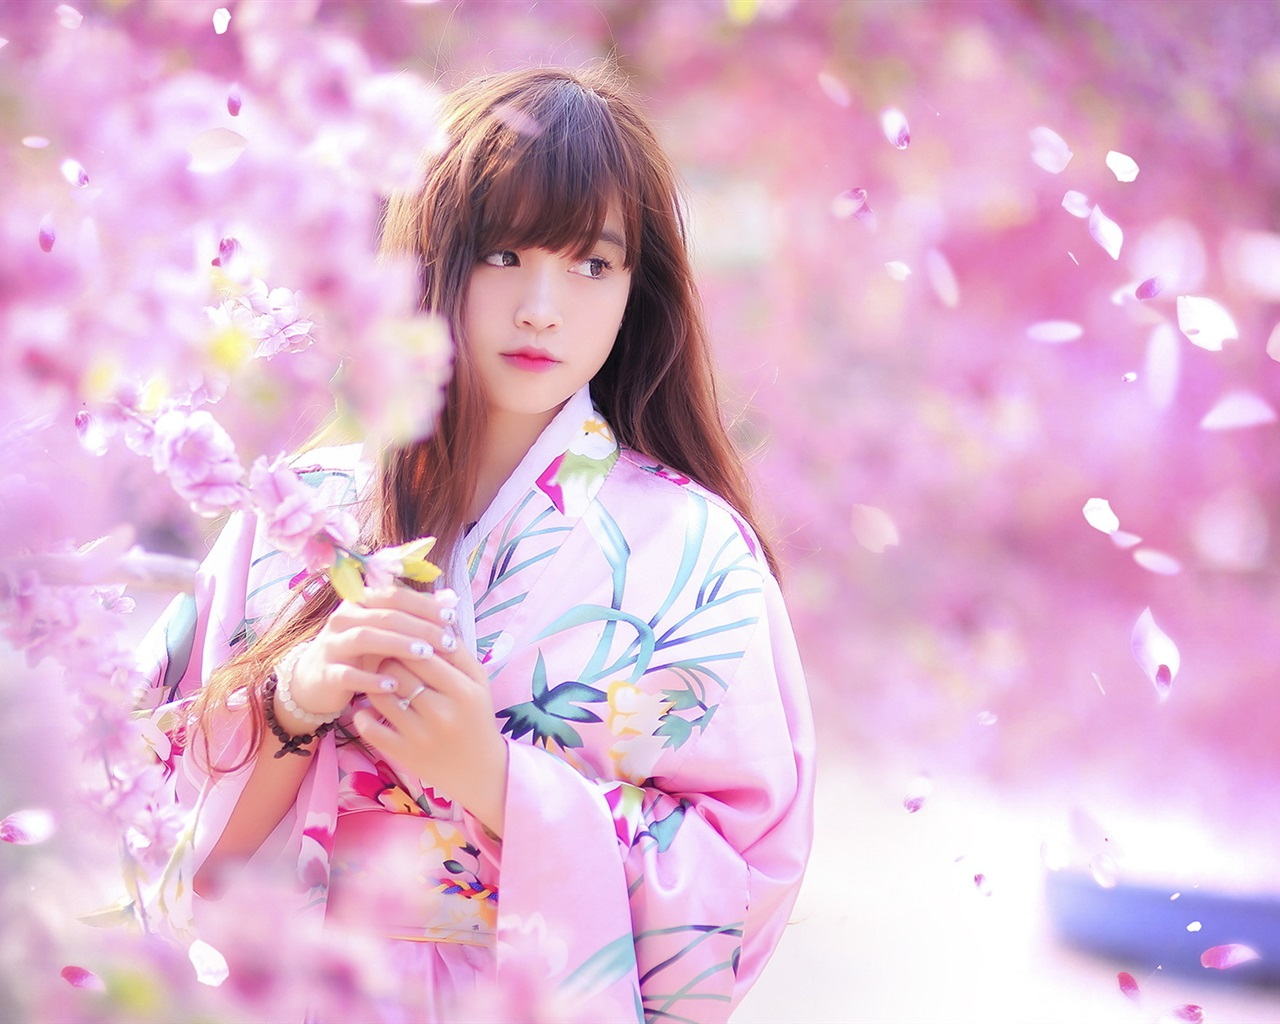 Wallpaper Lovely Japanese Girl, Spring, Sakura, Kimono -5927